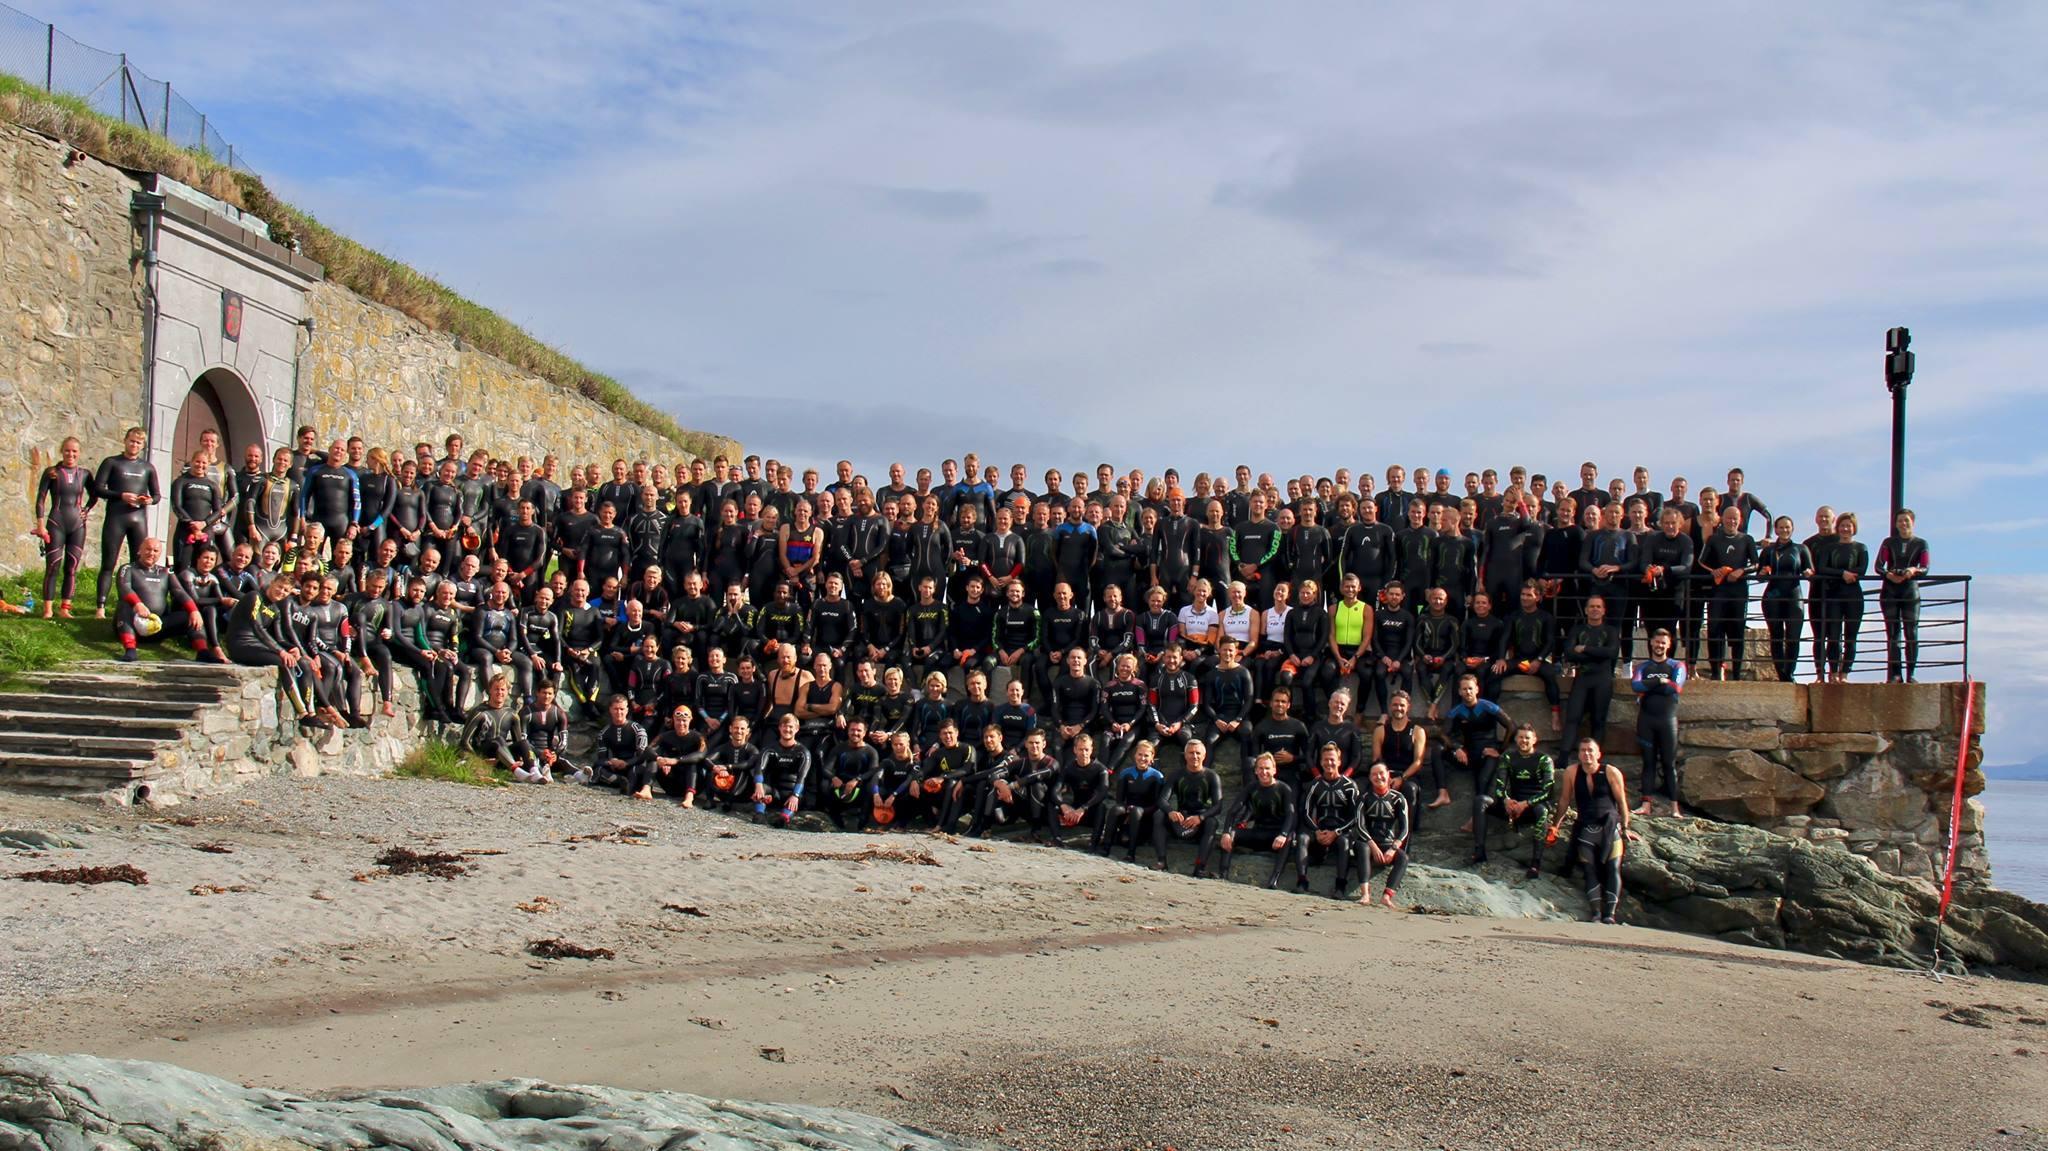 Deltagerne_før_svømming_på_Munkholmen.jpg